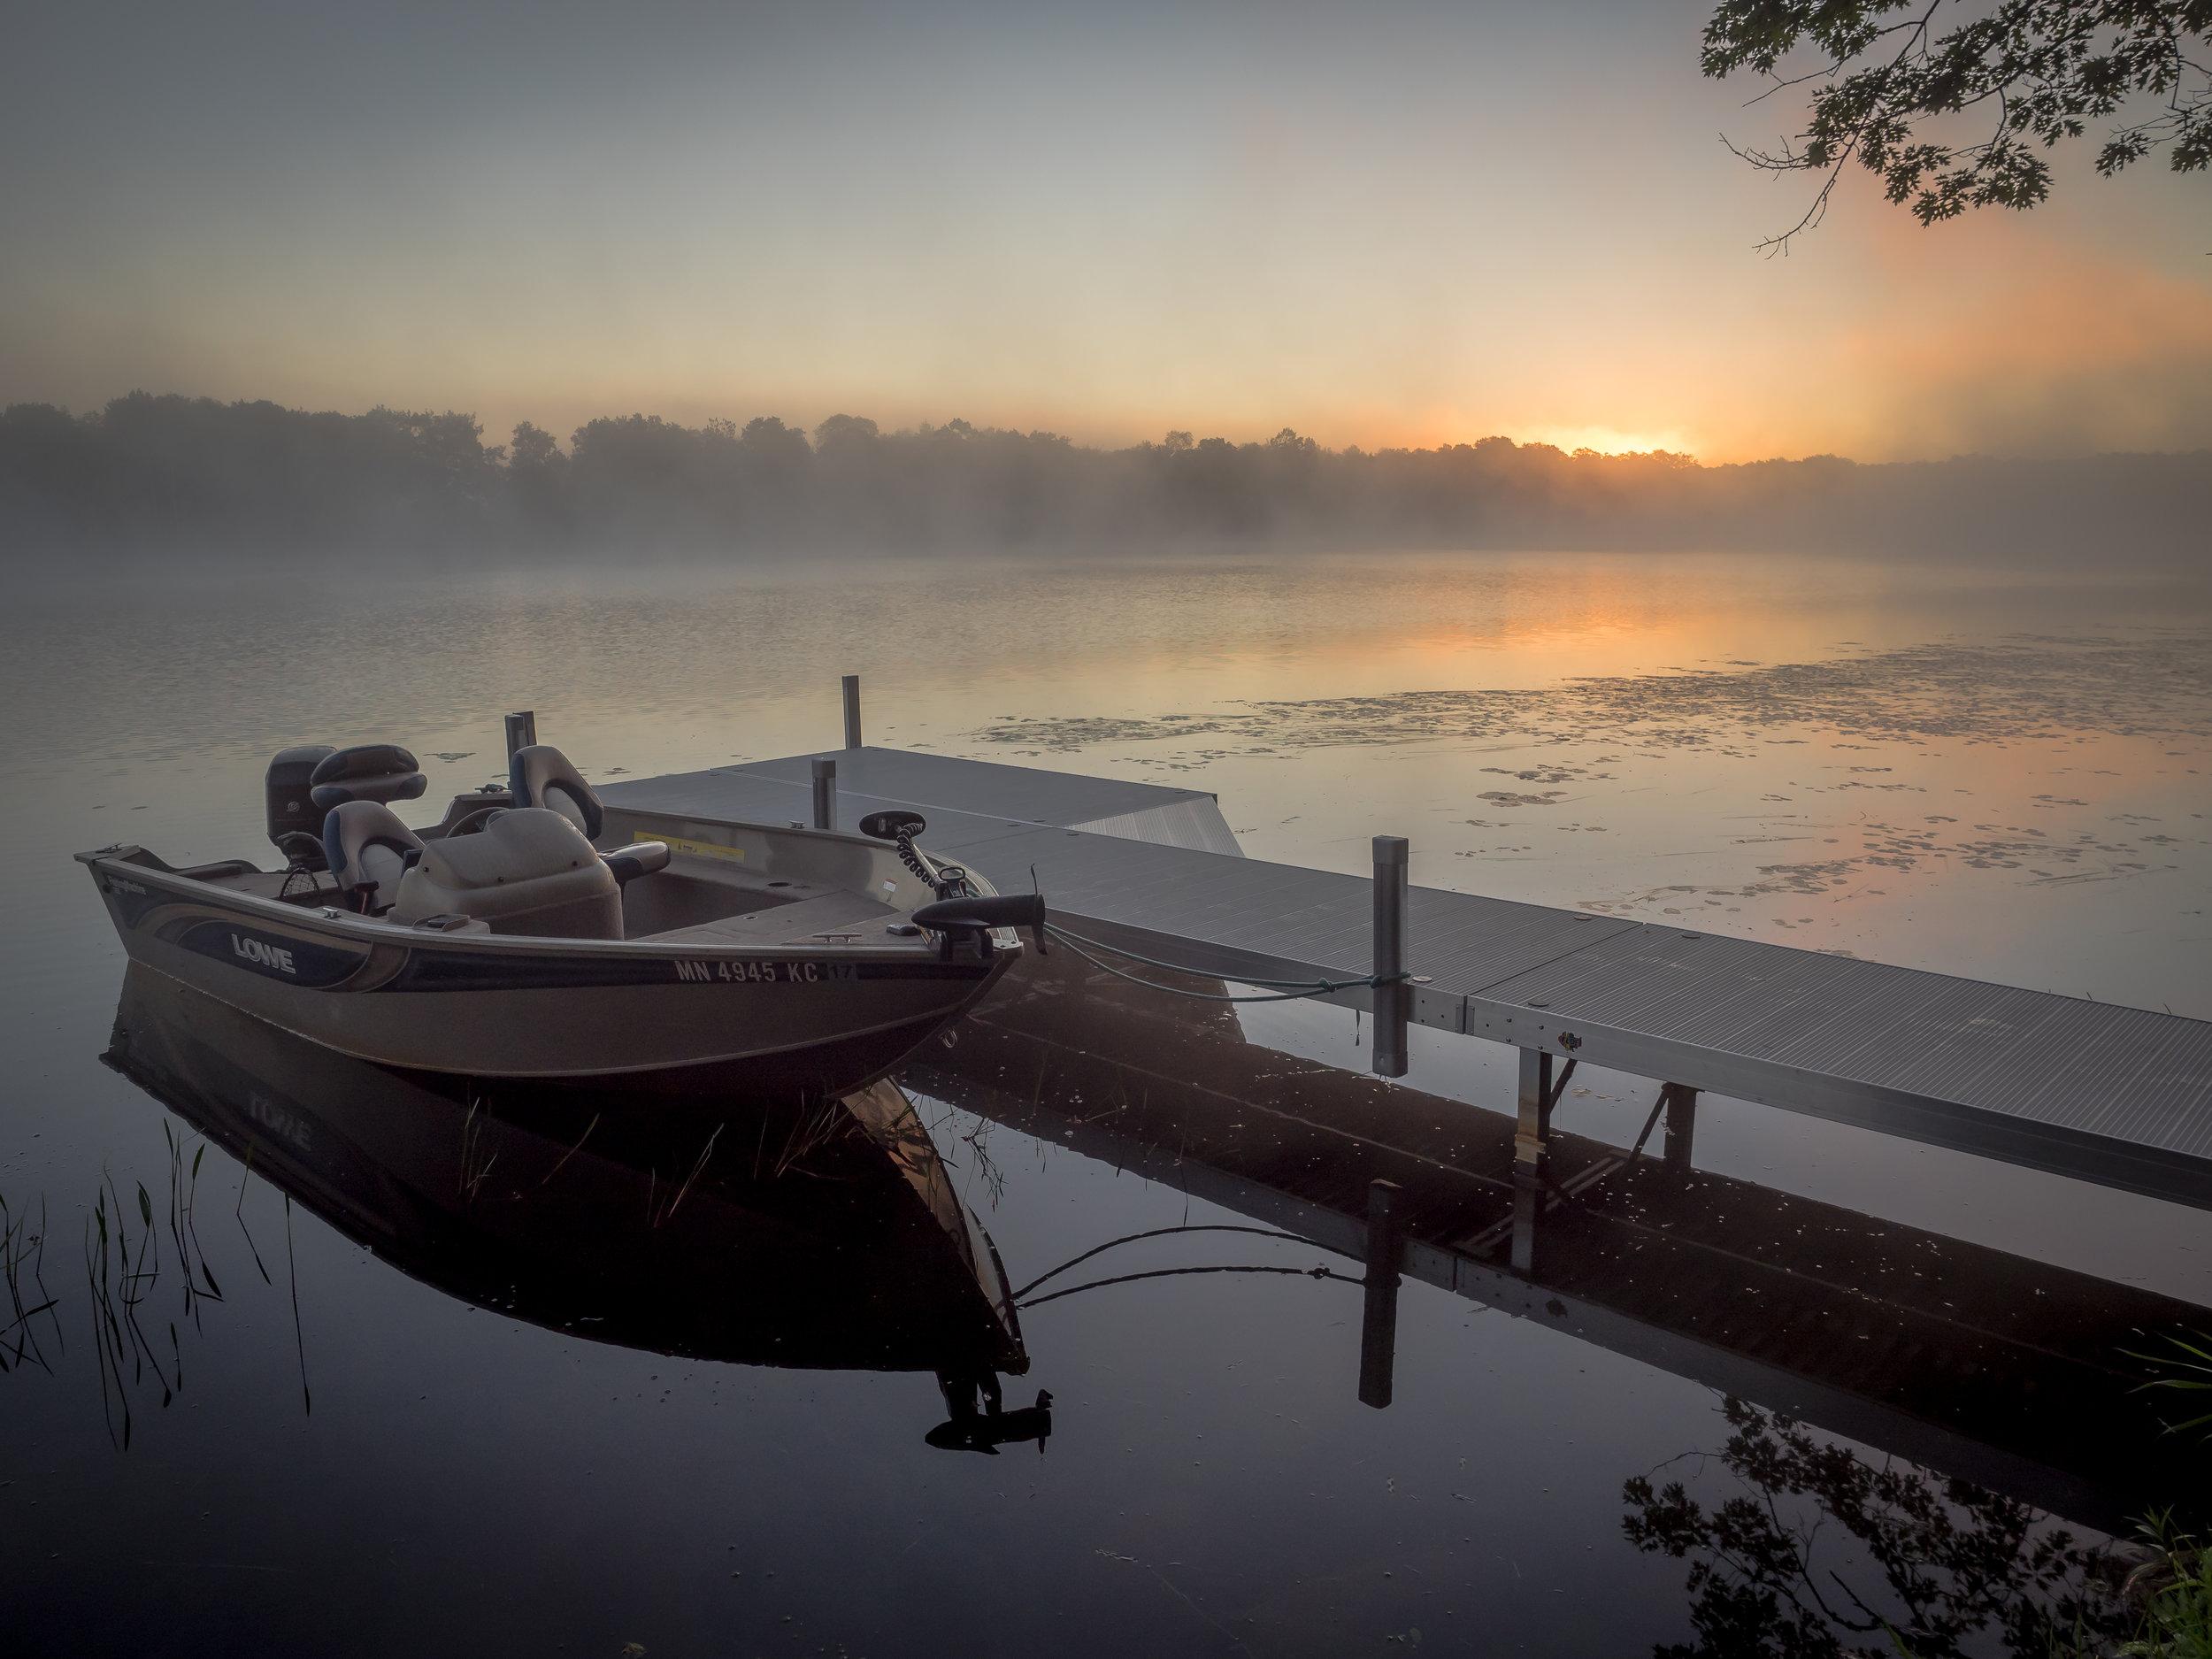 FLOE_Dock_Lift_Sectional_Fog.jpg